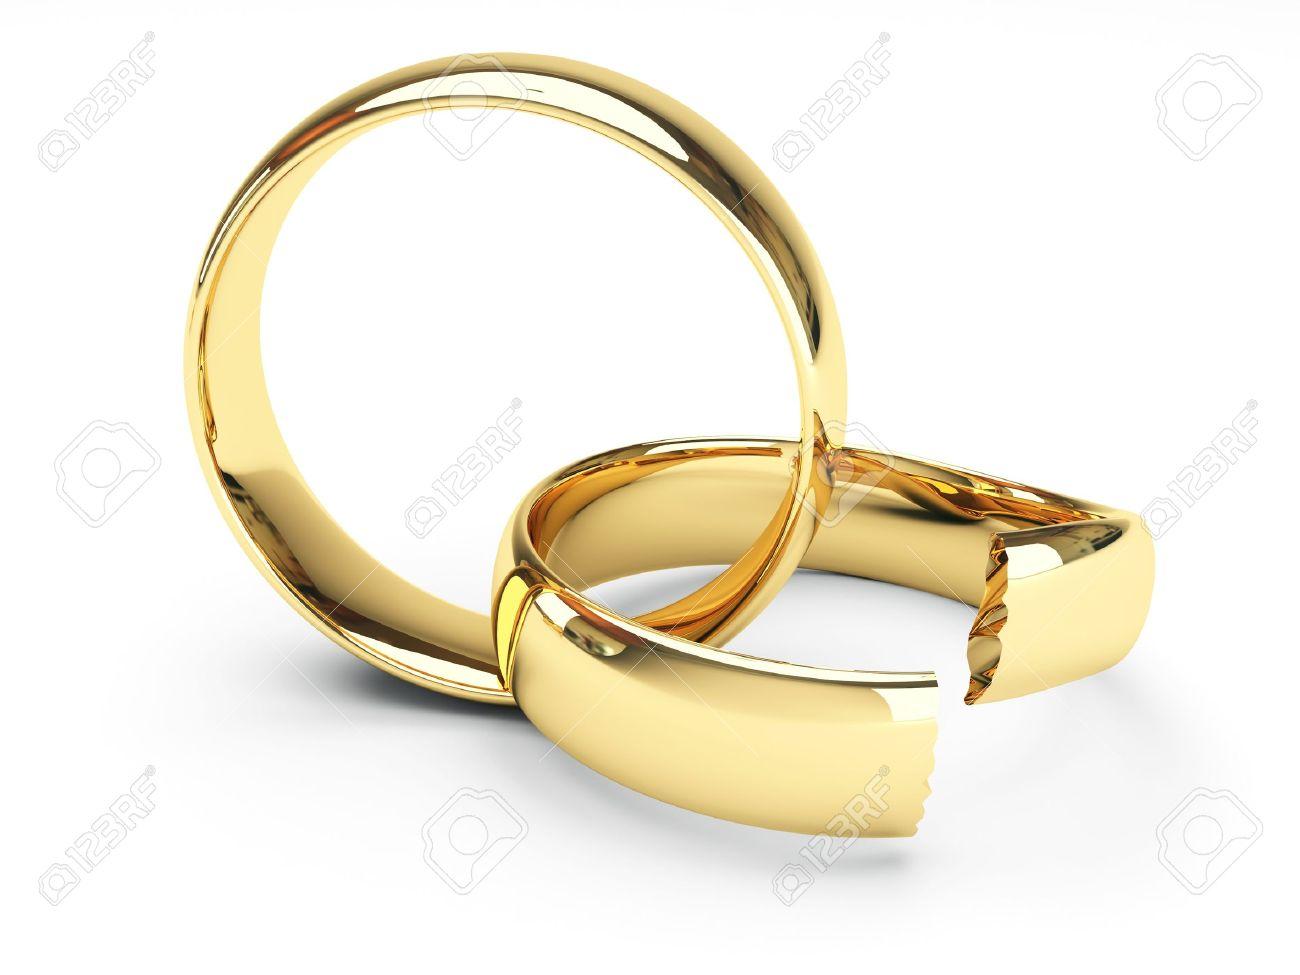 picture of broken wedding rings